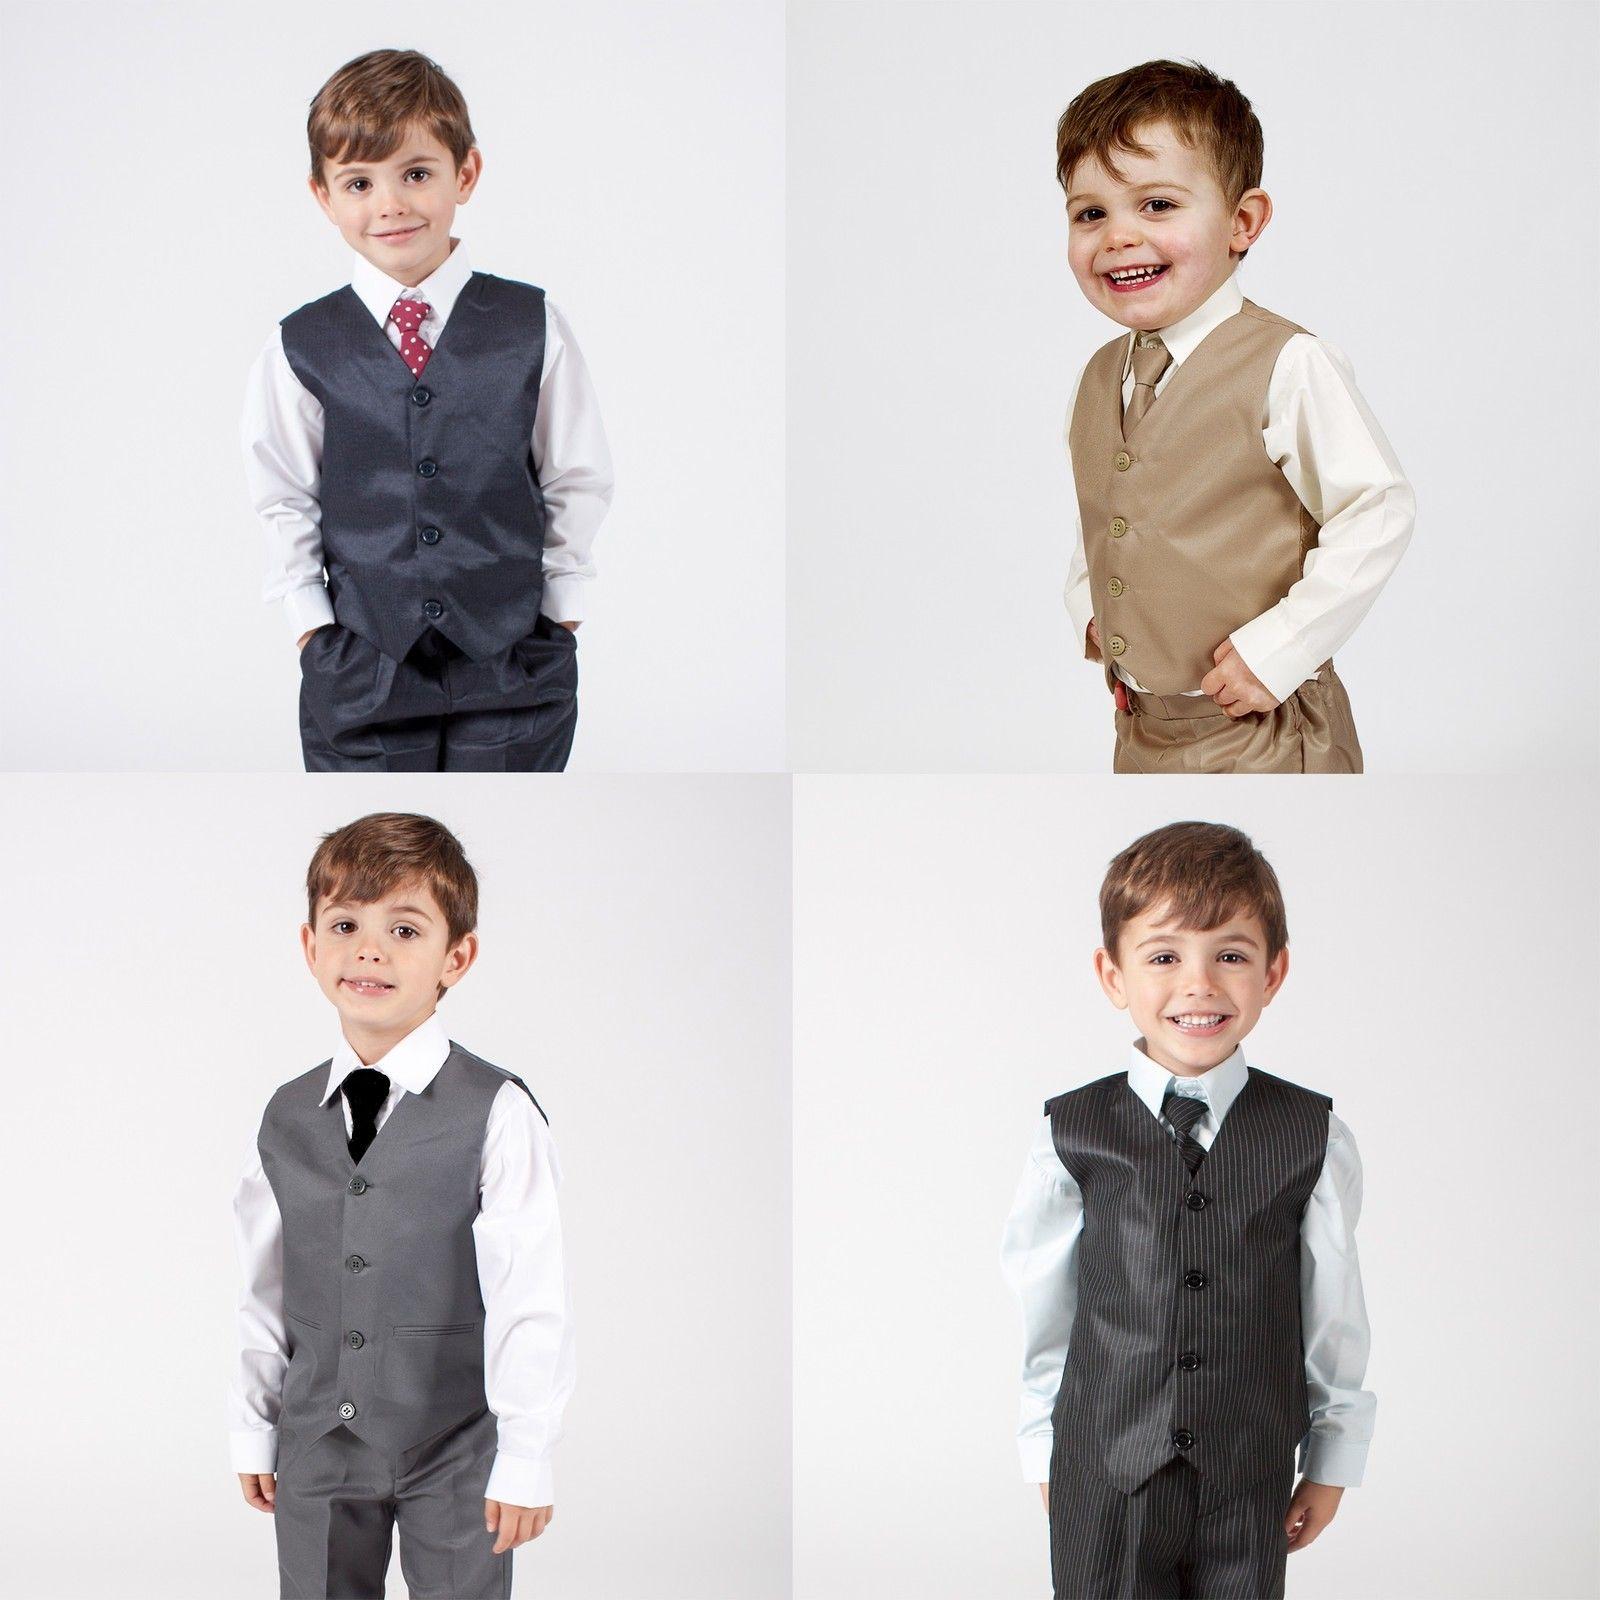 NOVINKA - dětský oblek k zapůjčení, 3m-9 let - Obrázek č. 2